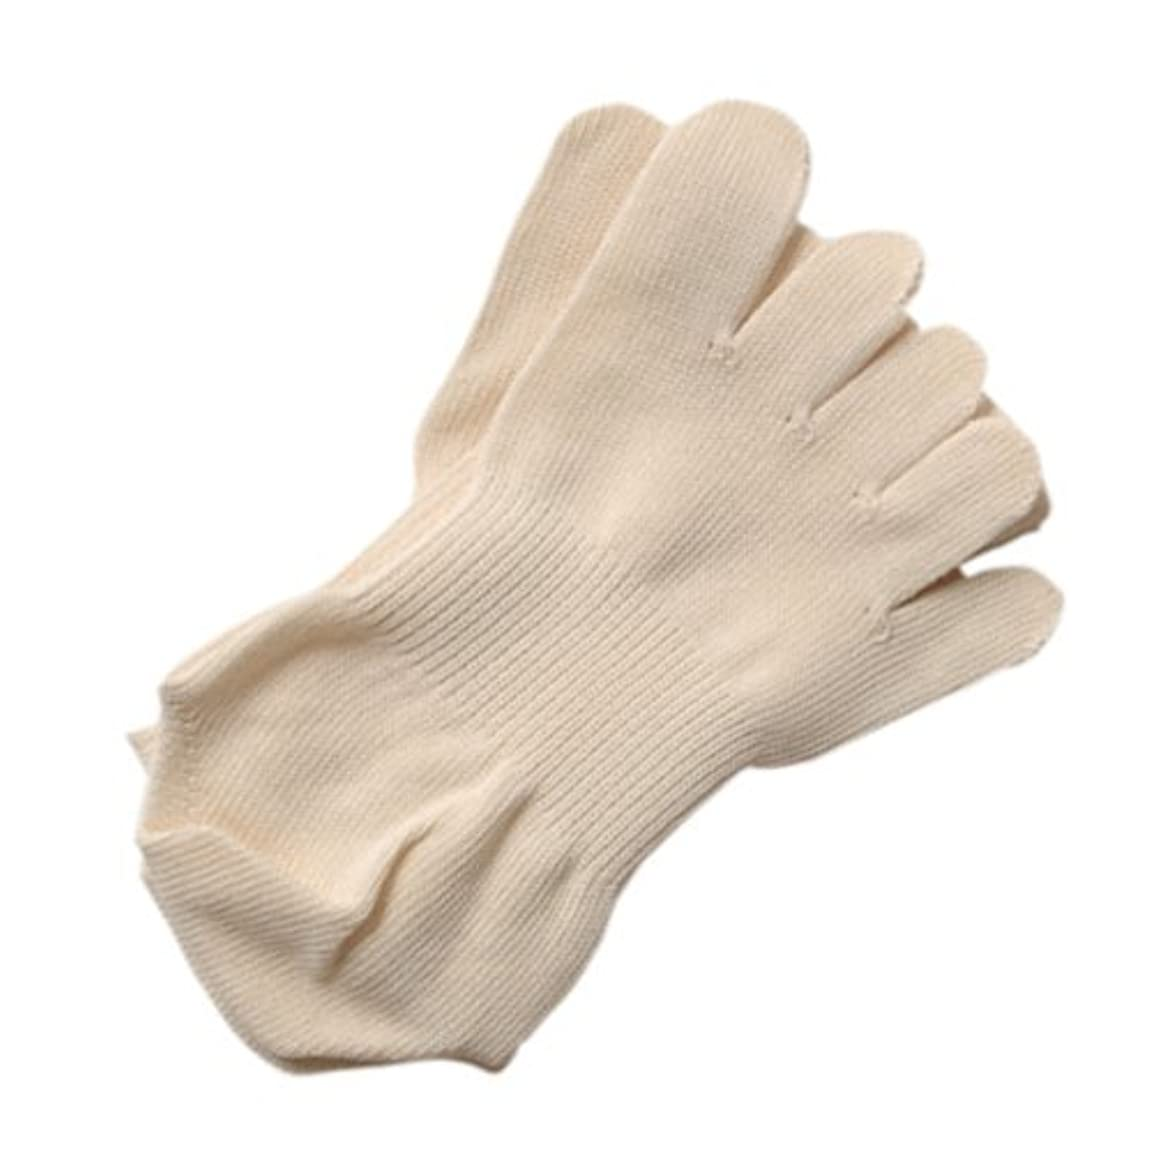 に対処する一緒に広く五本指薄手ソックスLアイボリー:オーガニックコットン100% 履くだけで足のつぼをマッサージし、健康に良いソックスです!